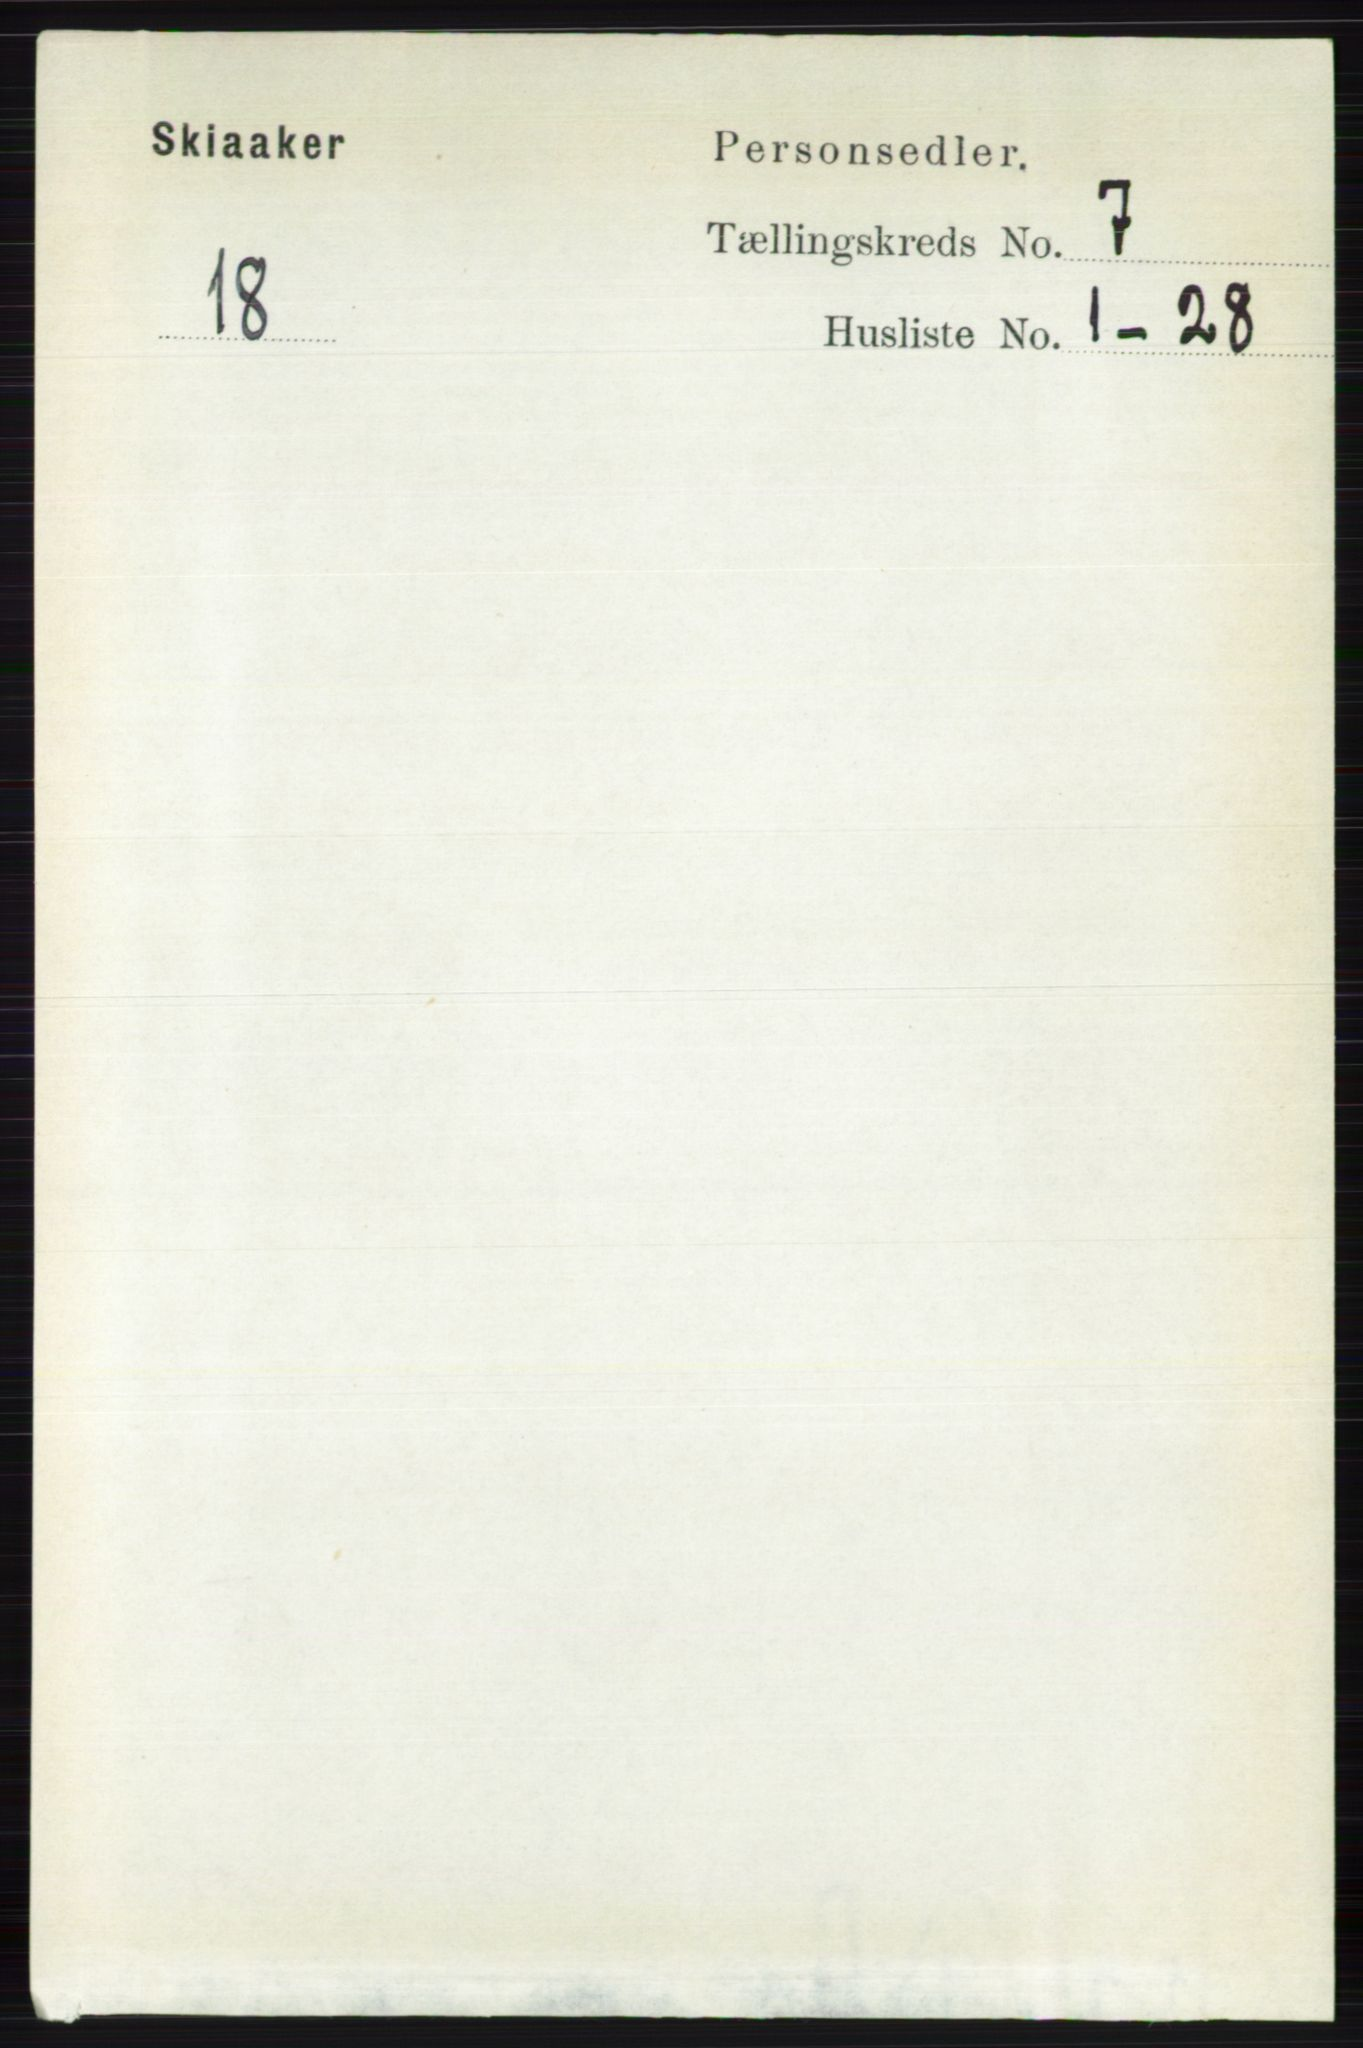 RA, Folketelling 1891 for 0513 Skjåk herred, 1891, s. 2292